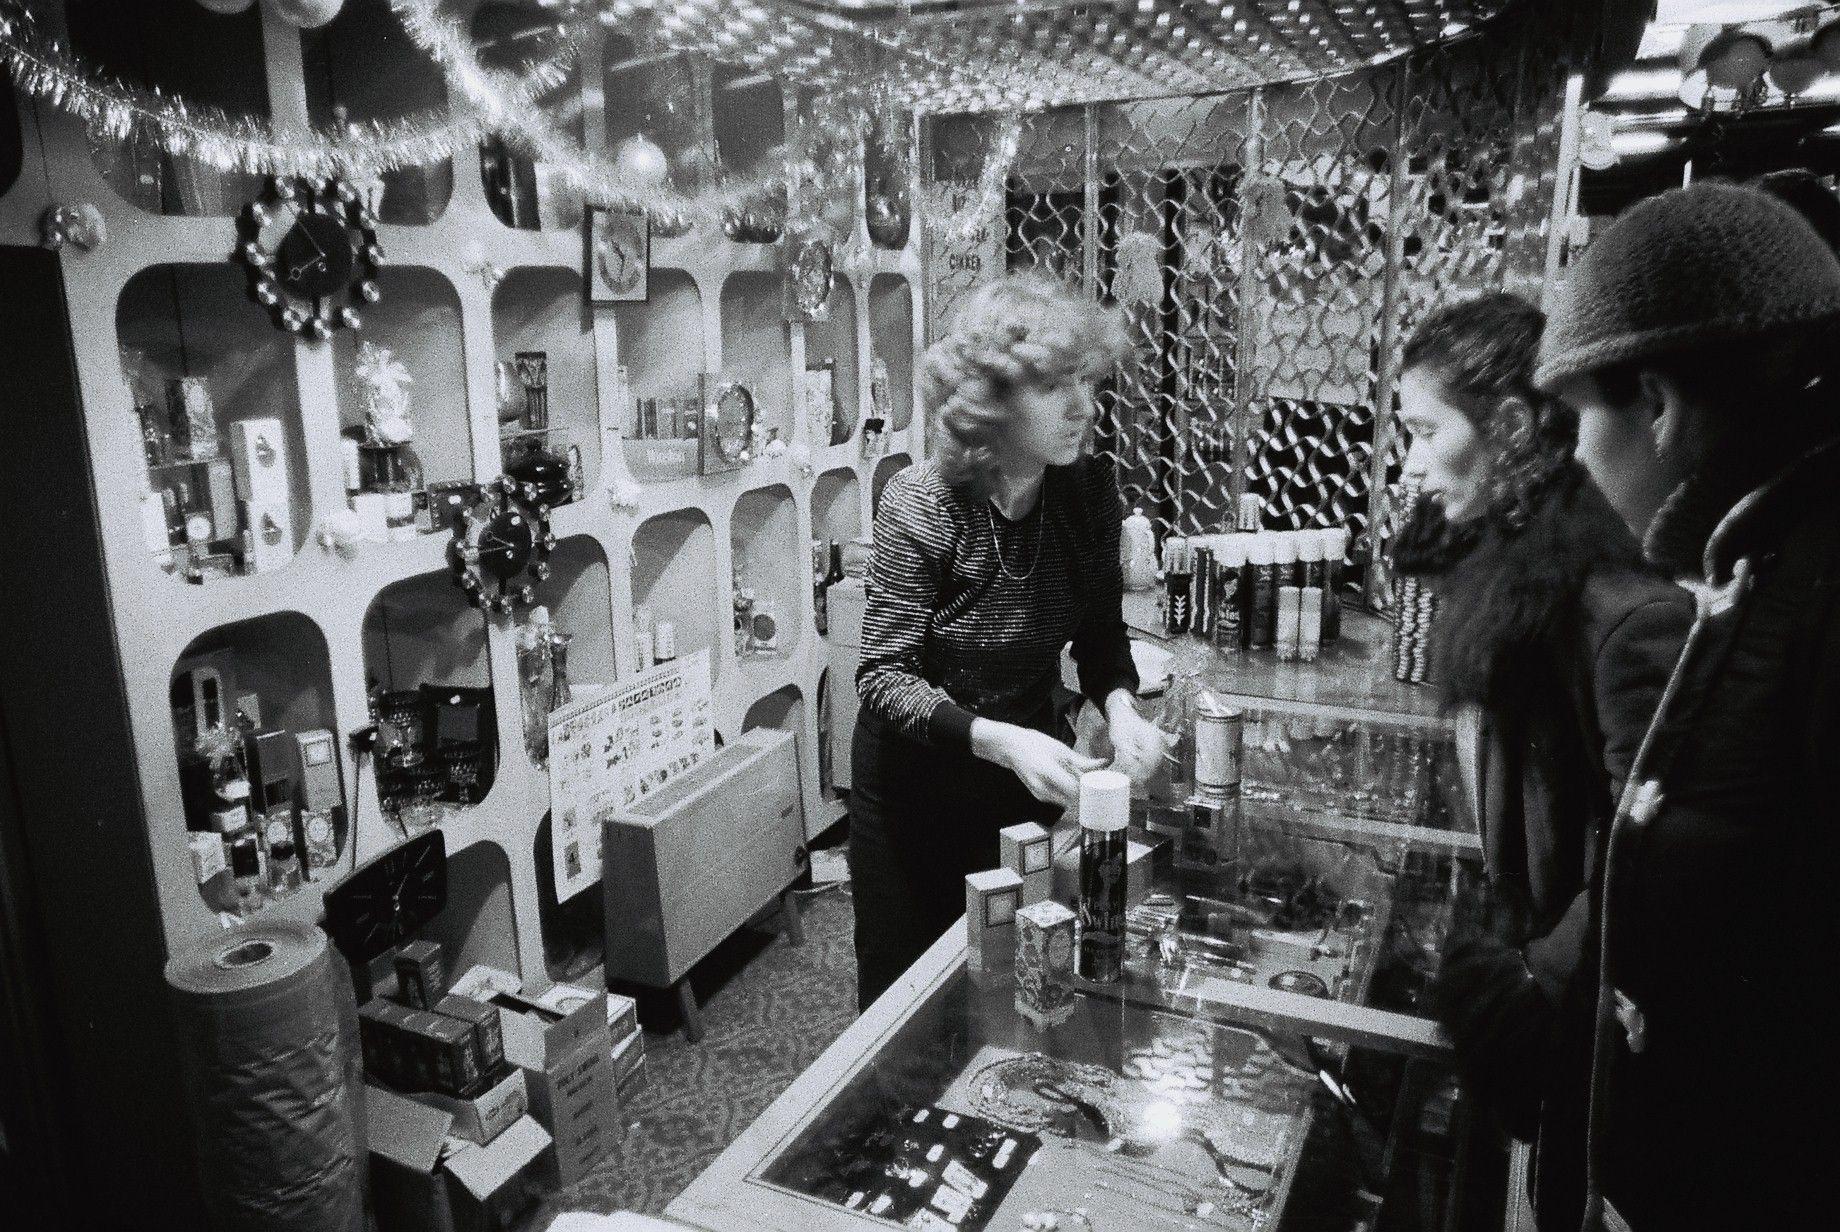 Nakupovanie v parfumérii, Debrecín, 1983.